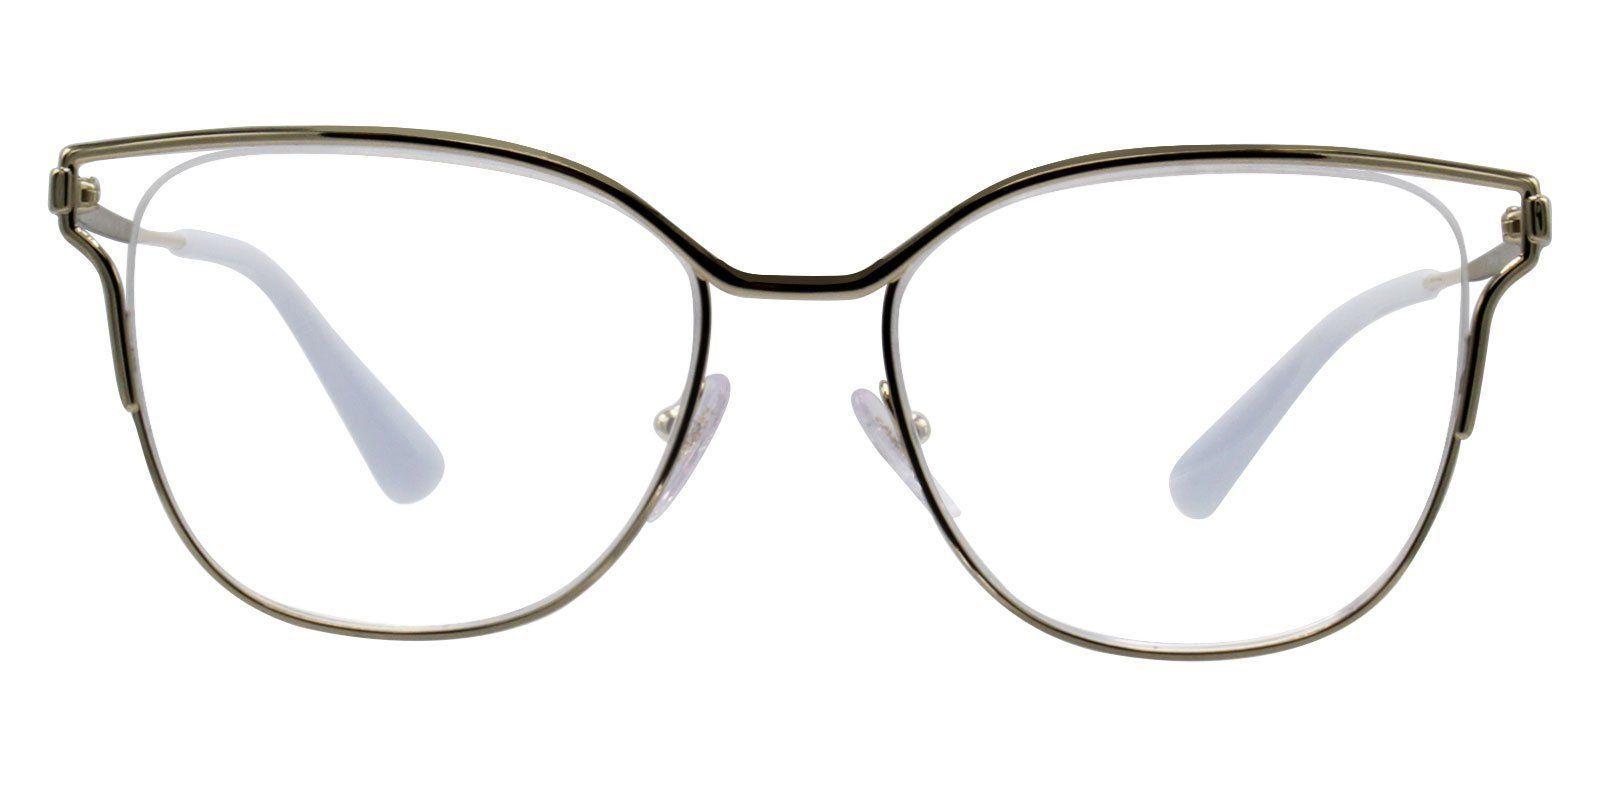 Prada - PR54UV Gold eyeglasses   Free Shipping - Designer Eyes 01cde11bc5